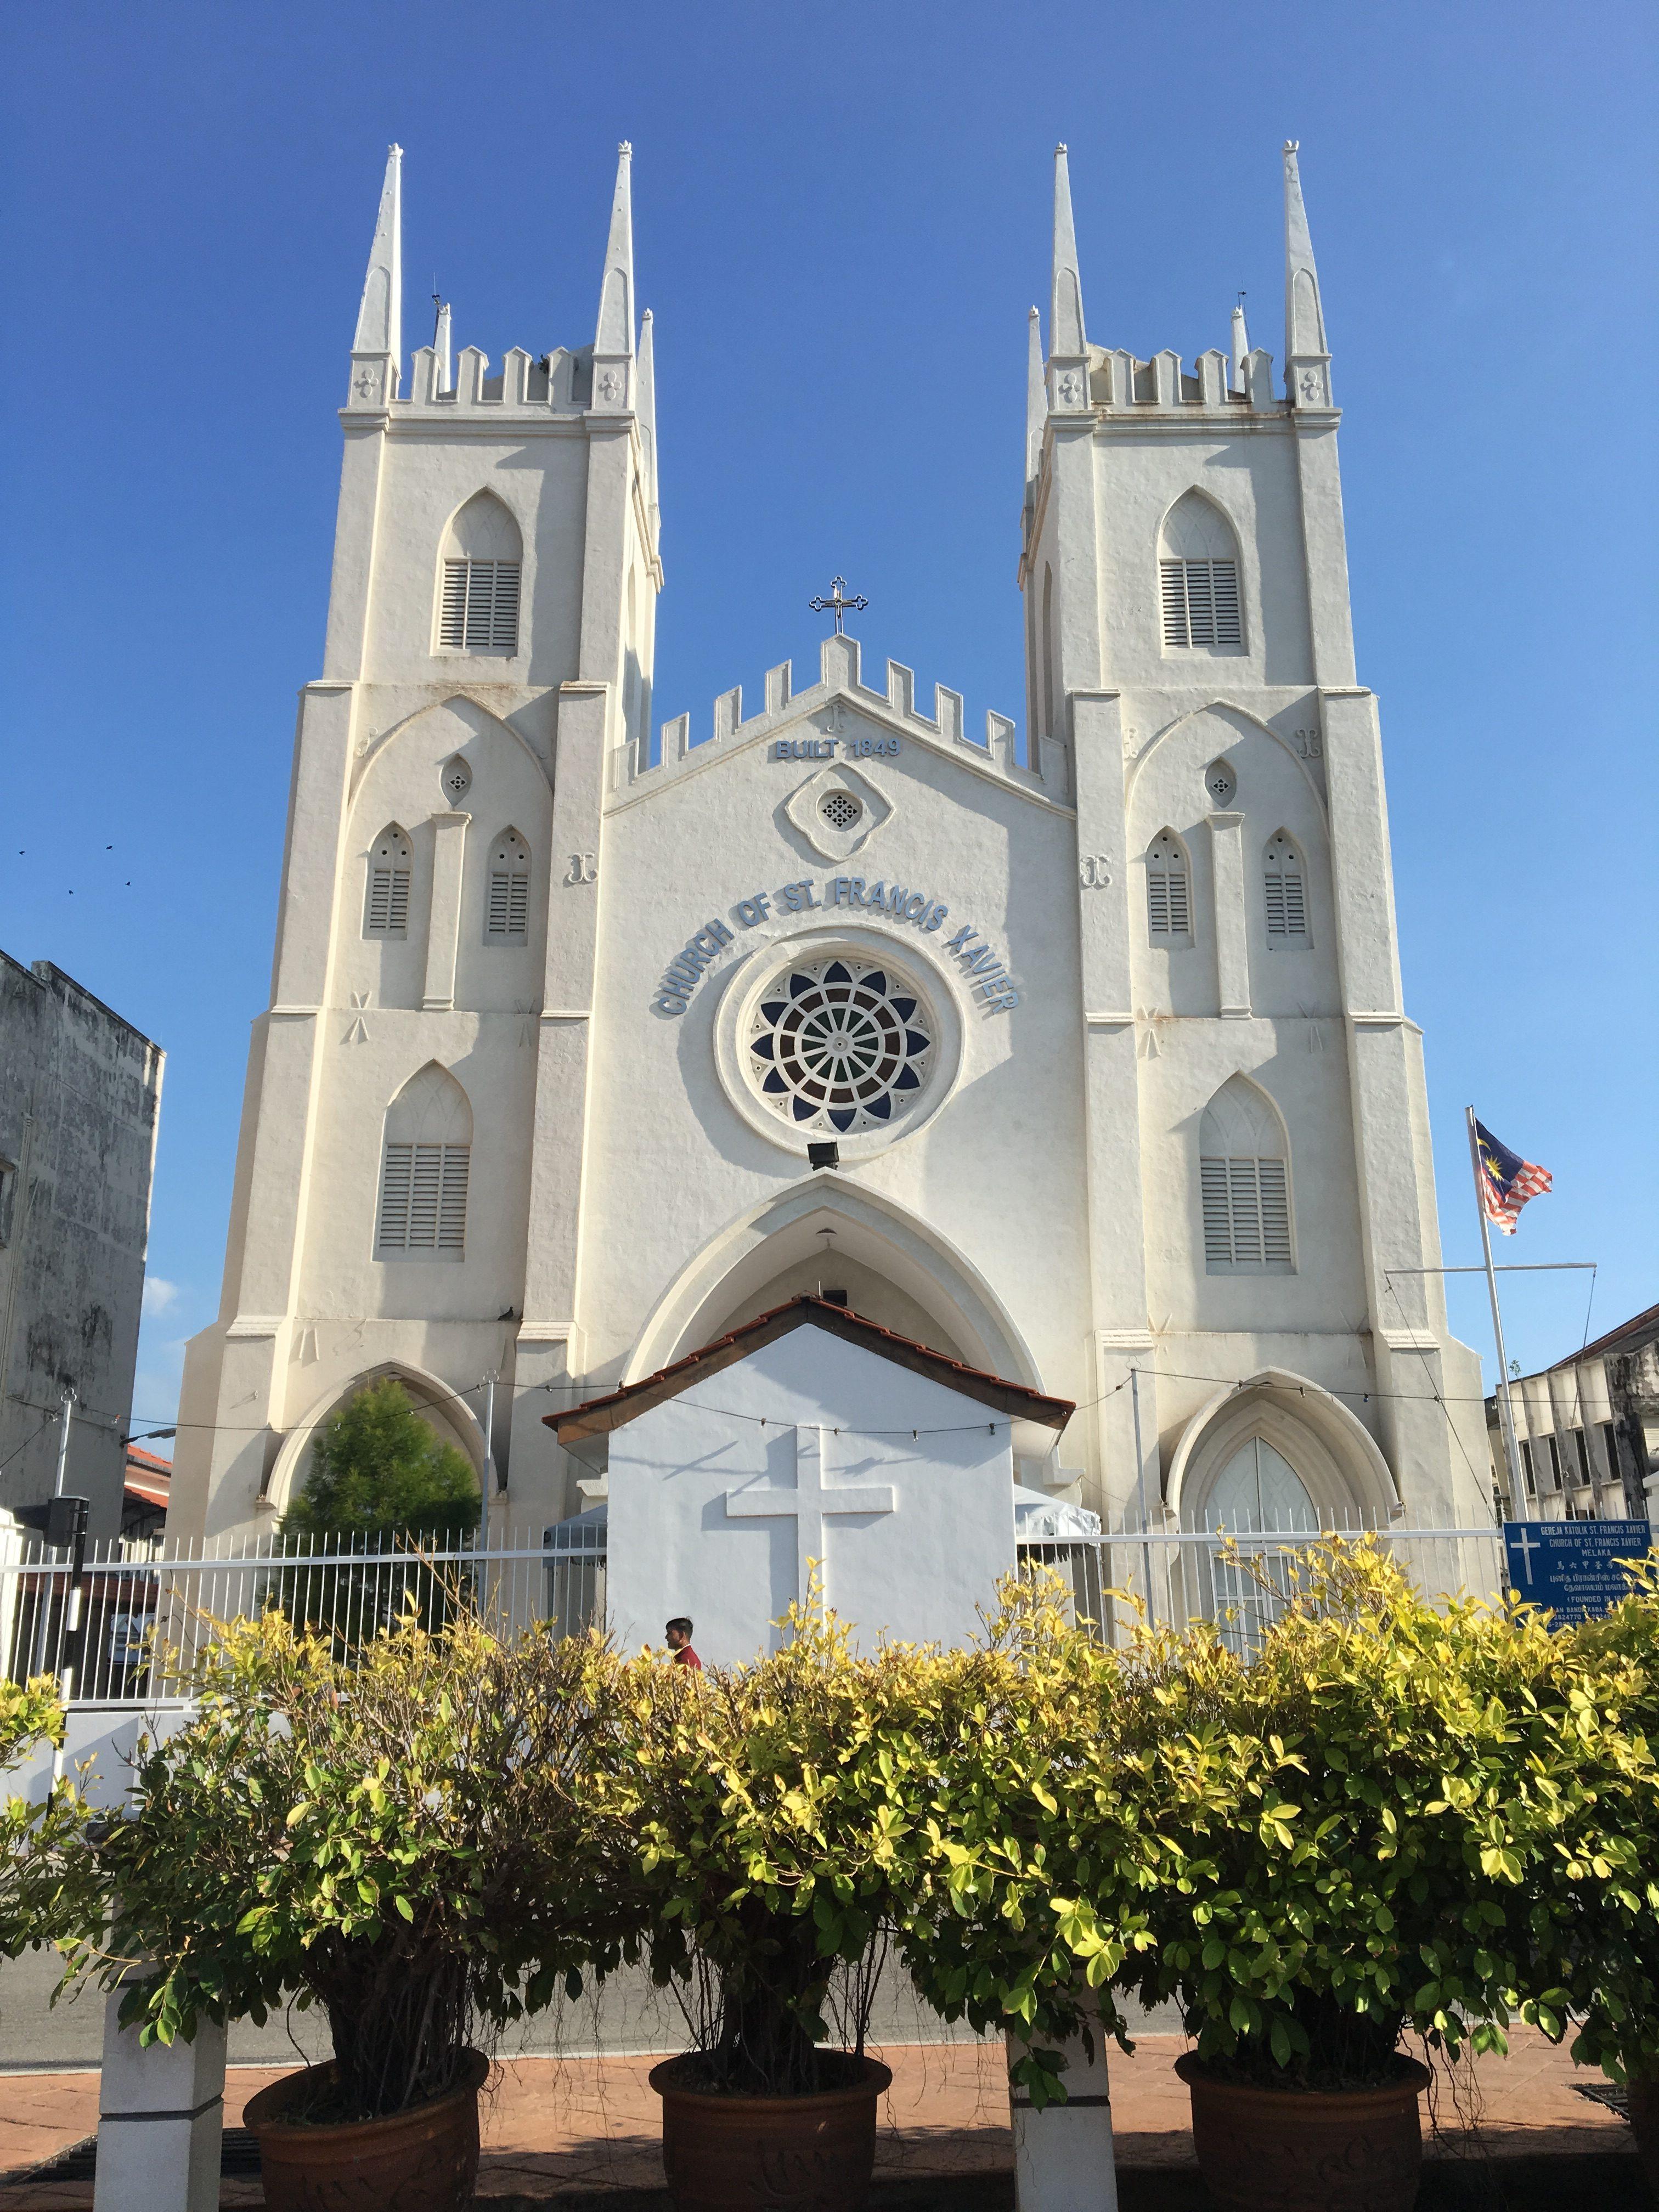 セントフランシスザビエル教会